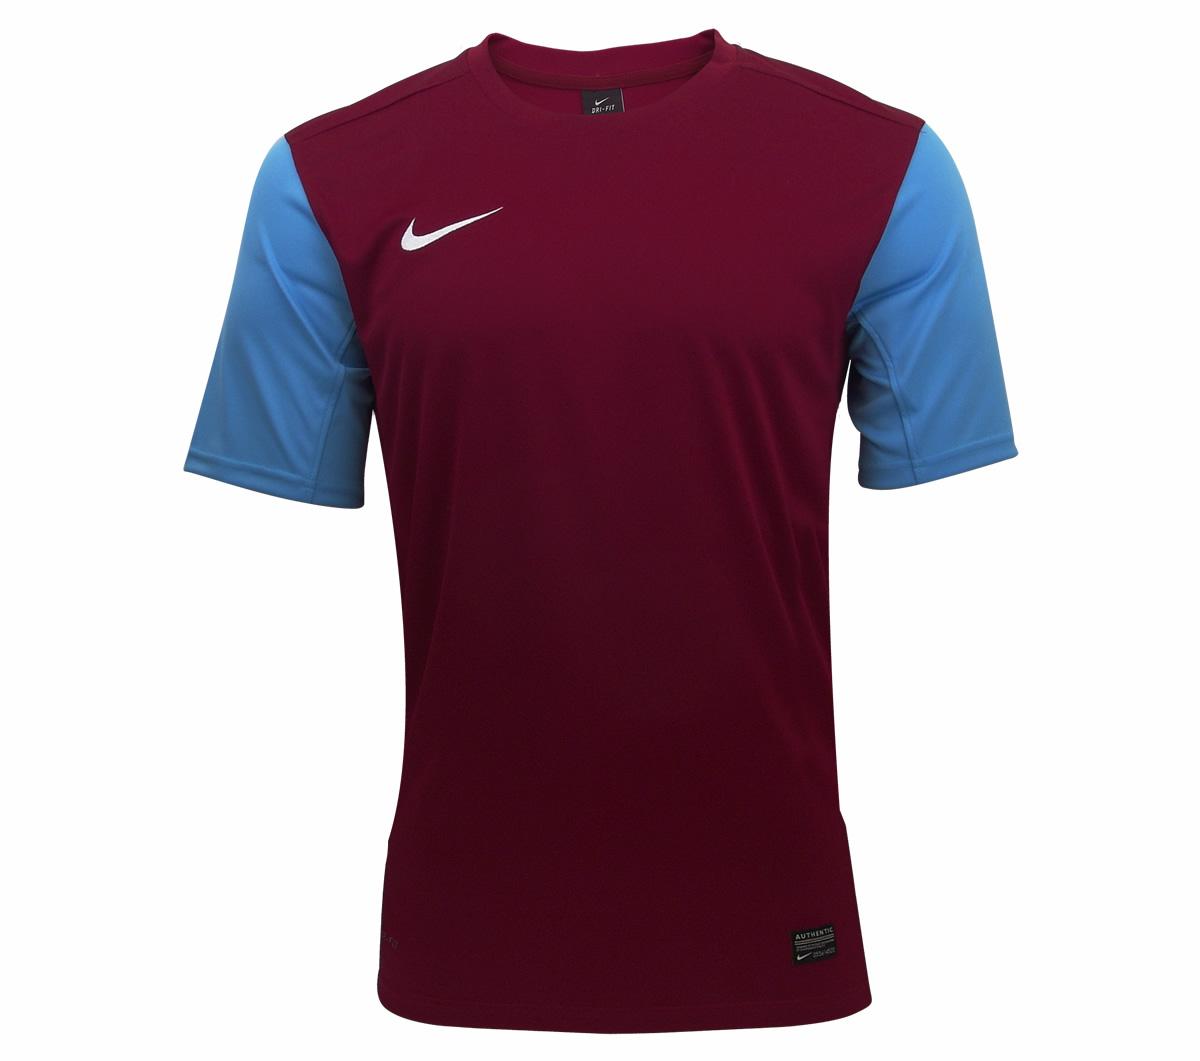 Camisa Nike Classic IV Vinho e Azul - Mundo do Futebol 44078d5195a6d